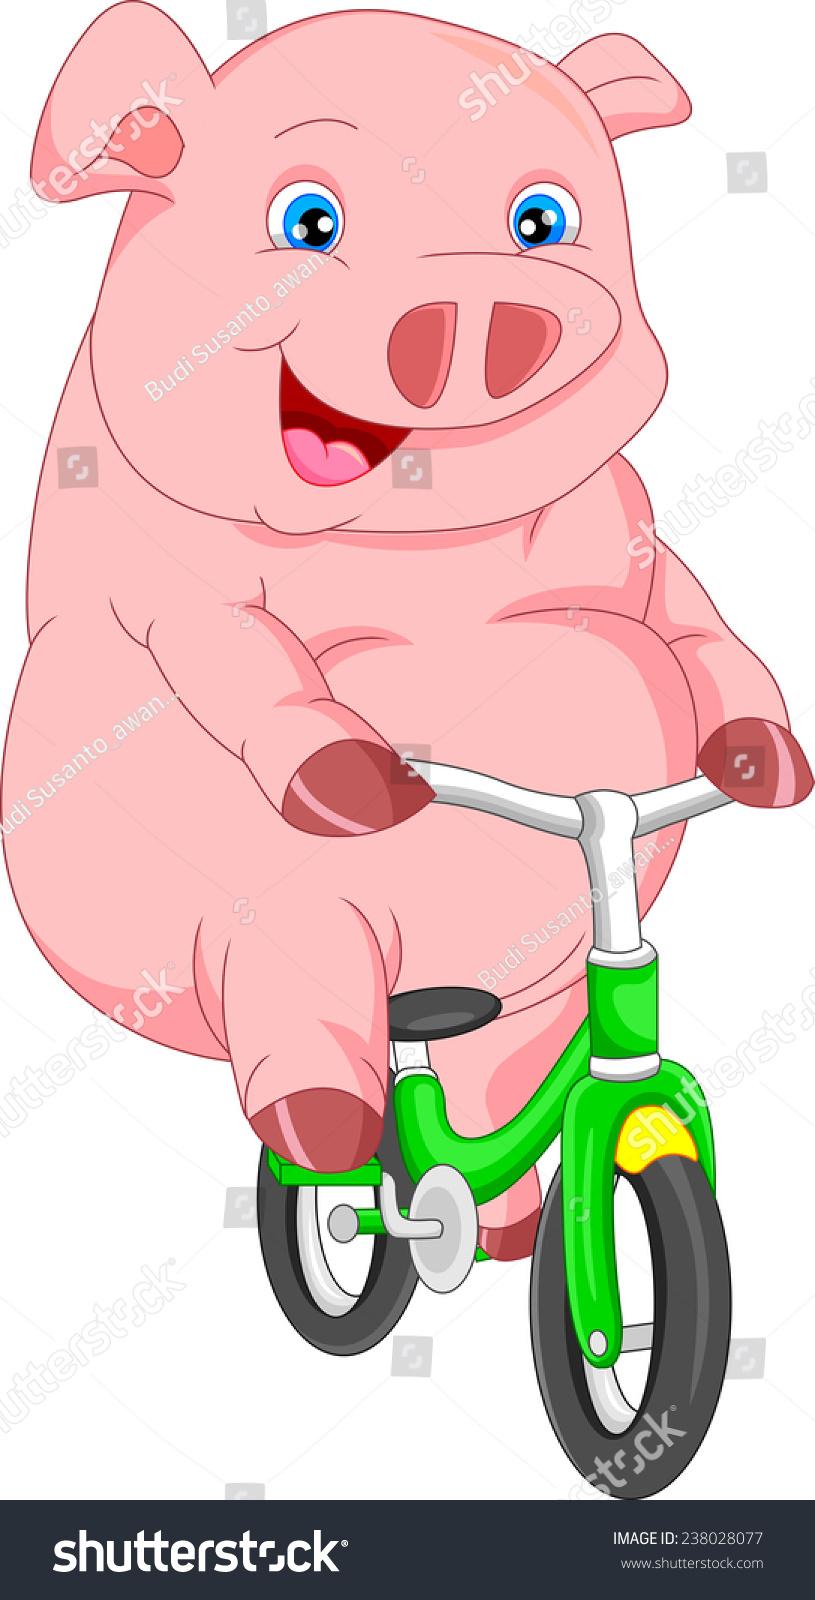 可爱的卡通猪骑自行车